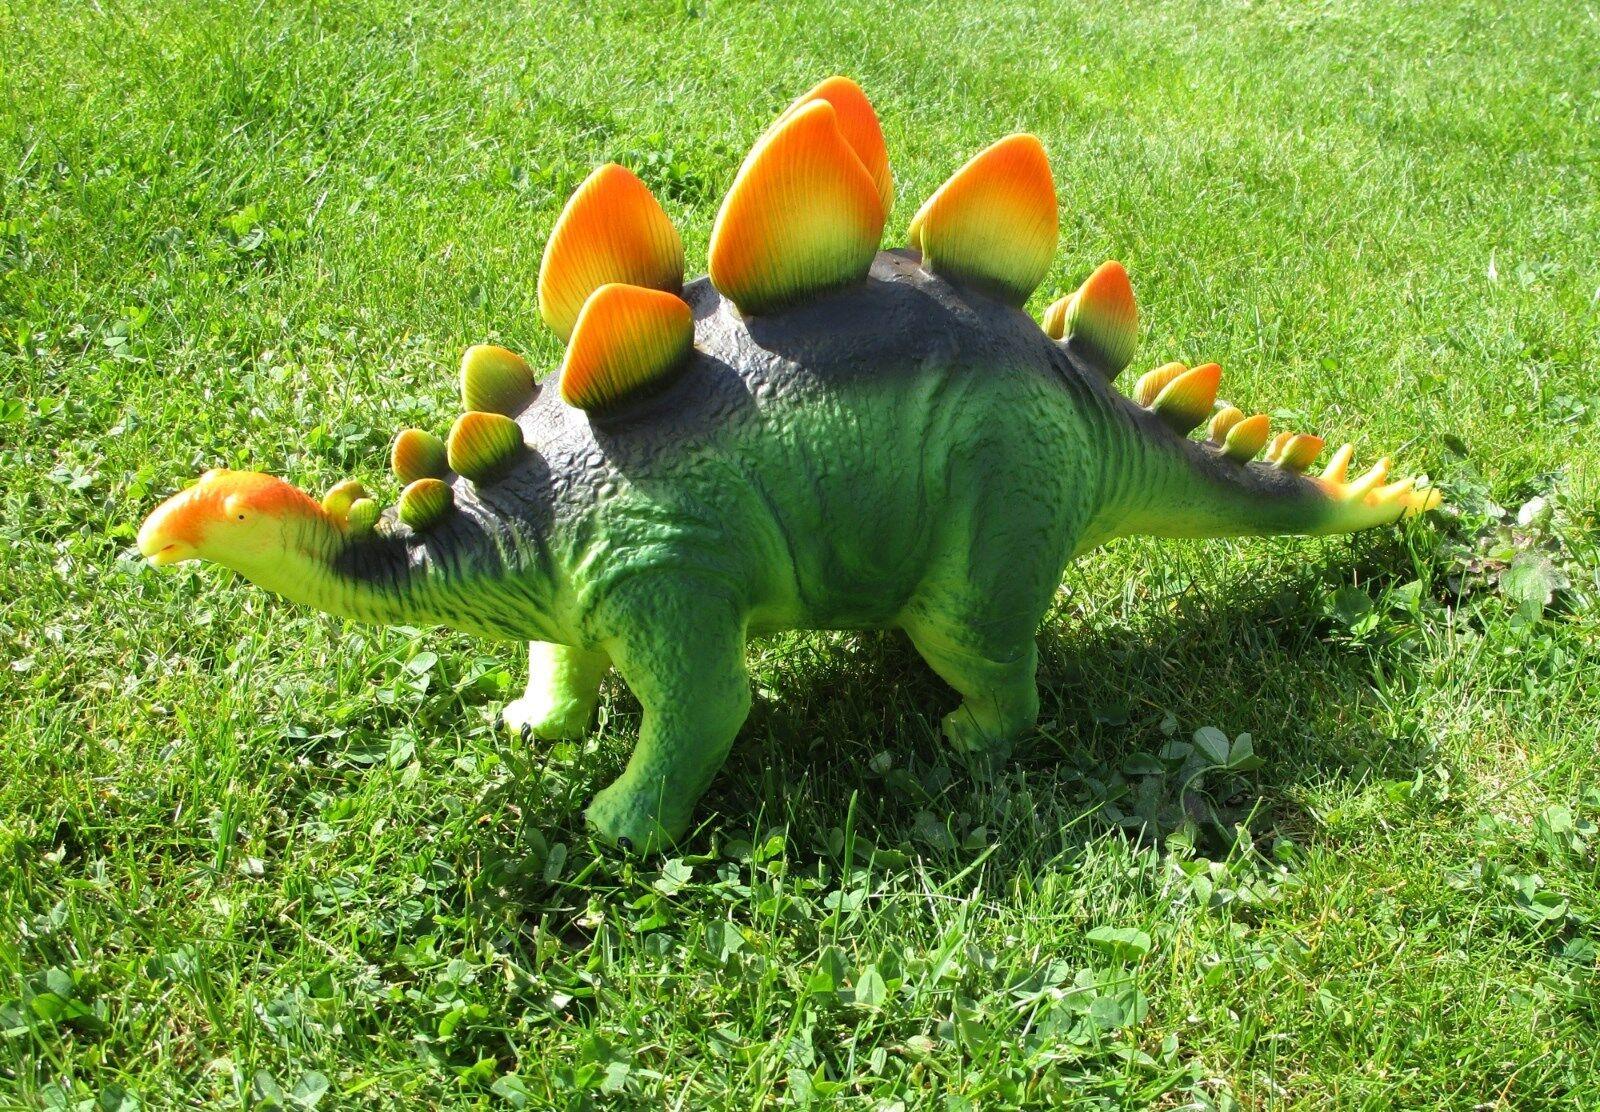 XXL Dinosaurier 5er set Dinos Figur Stegosaurus und mehr Knautsch Tiere 30180